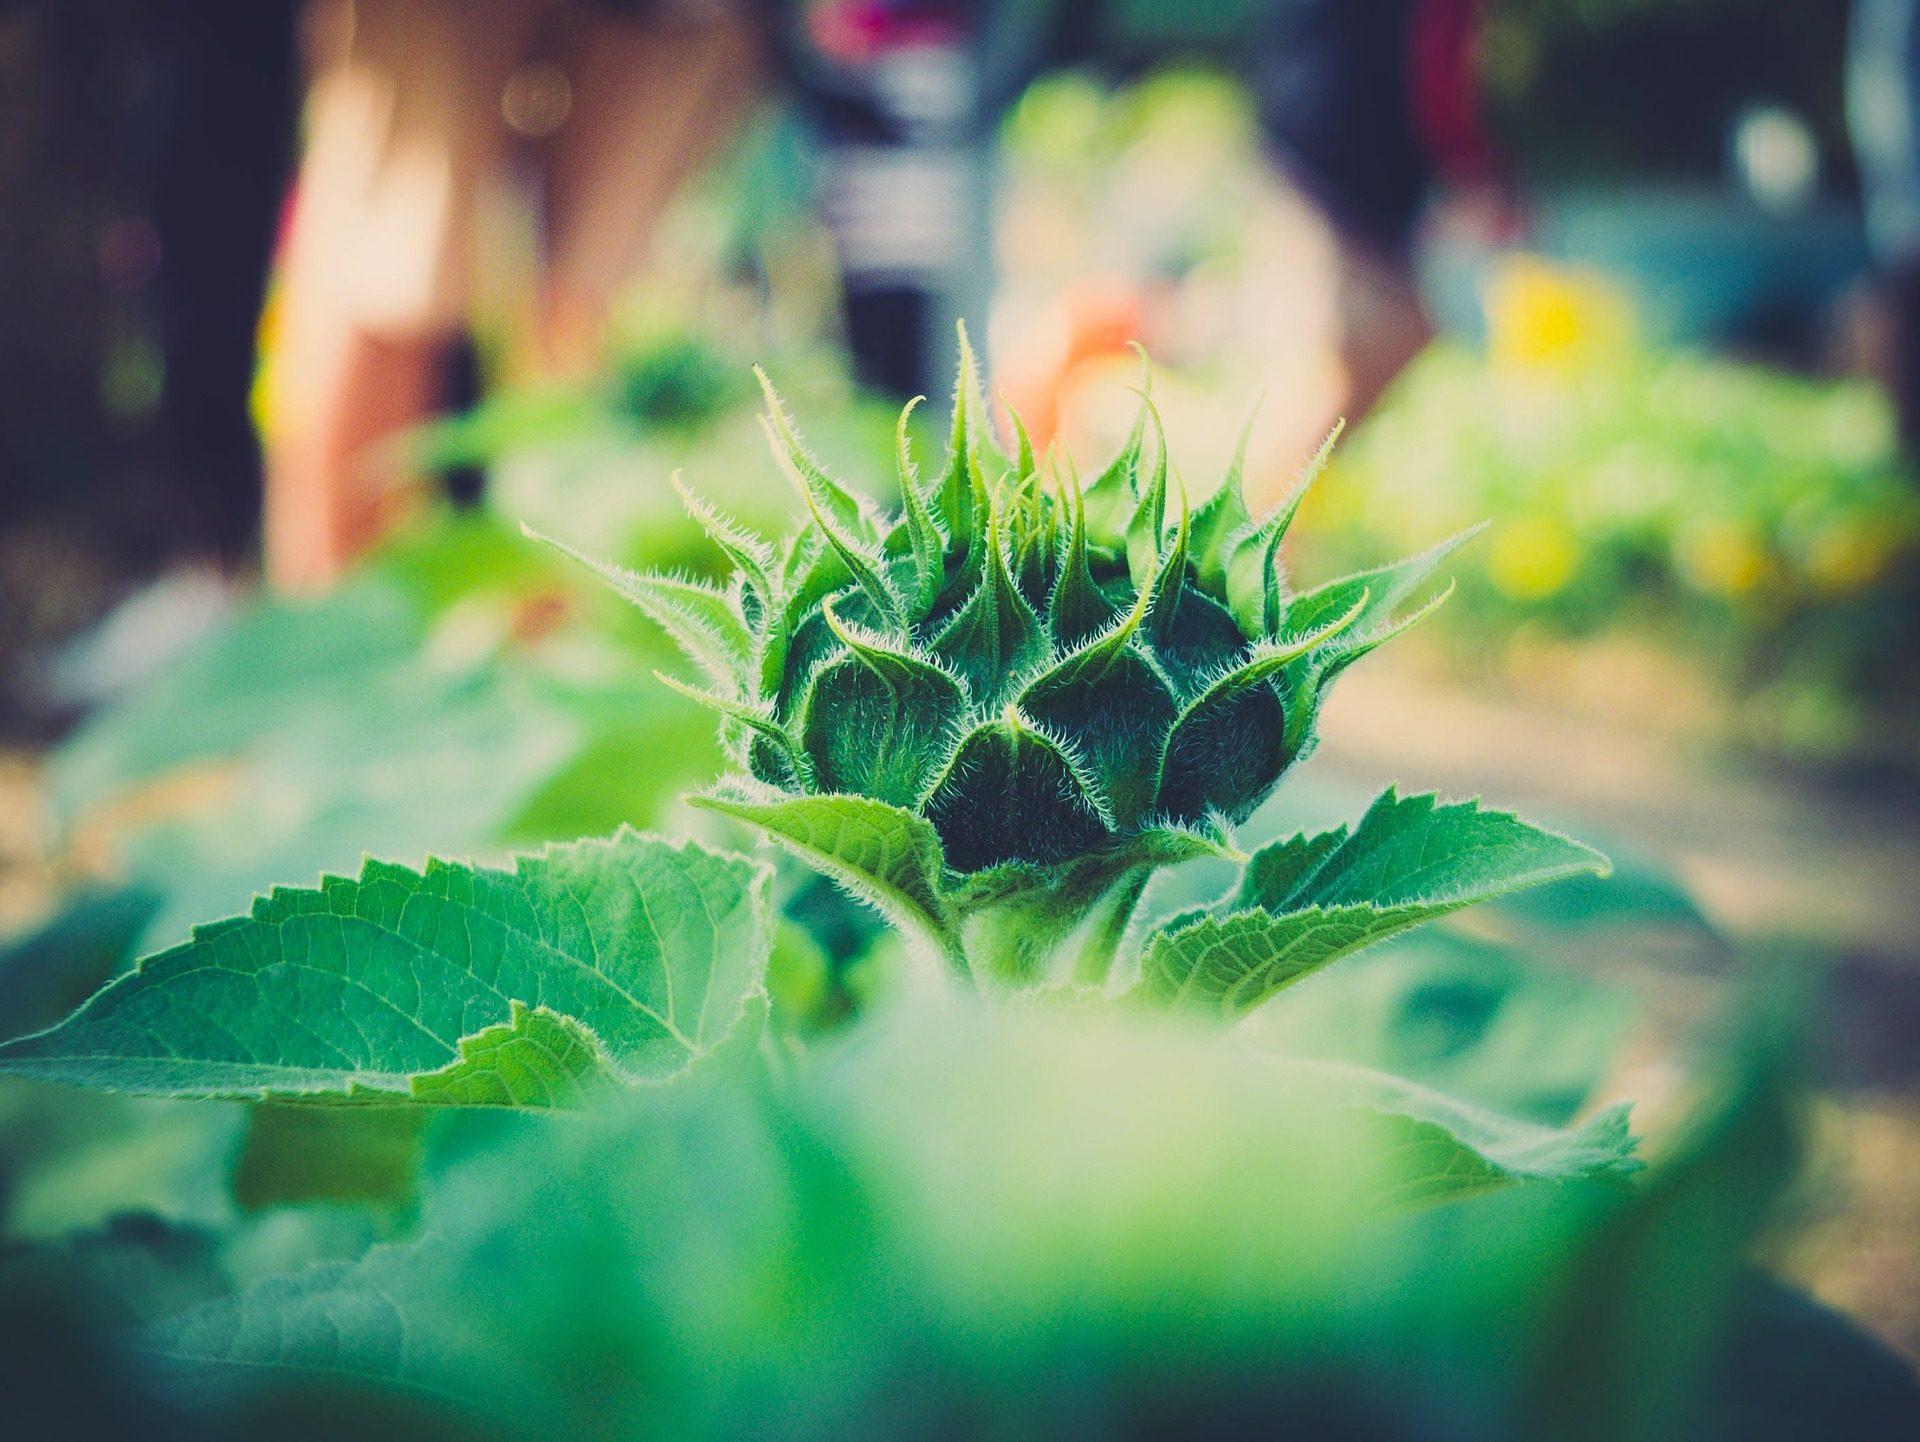 piano terra, fiore, scoppio, foglie, spine, Verde - Sfondi HD - Professor-falken.com